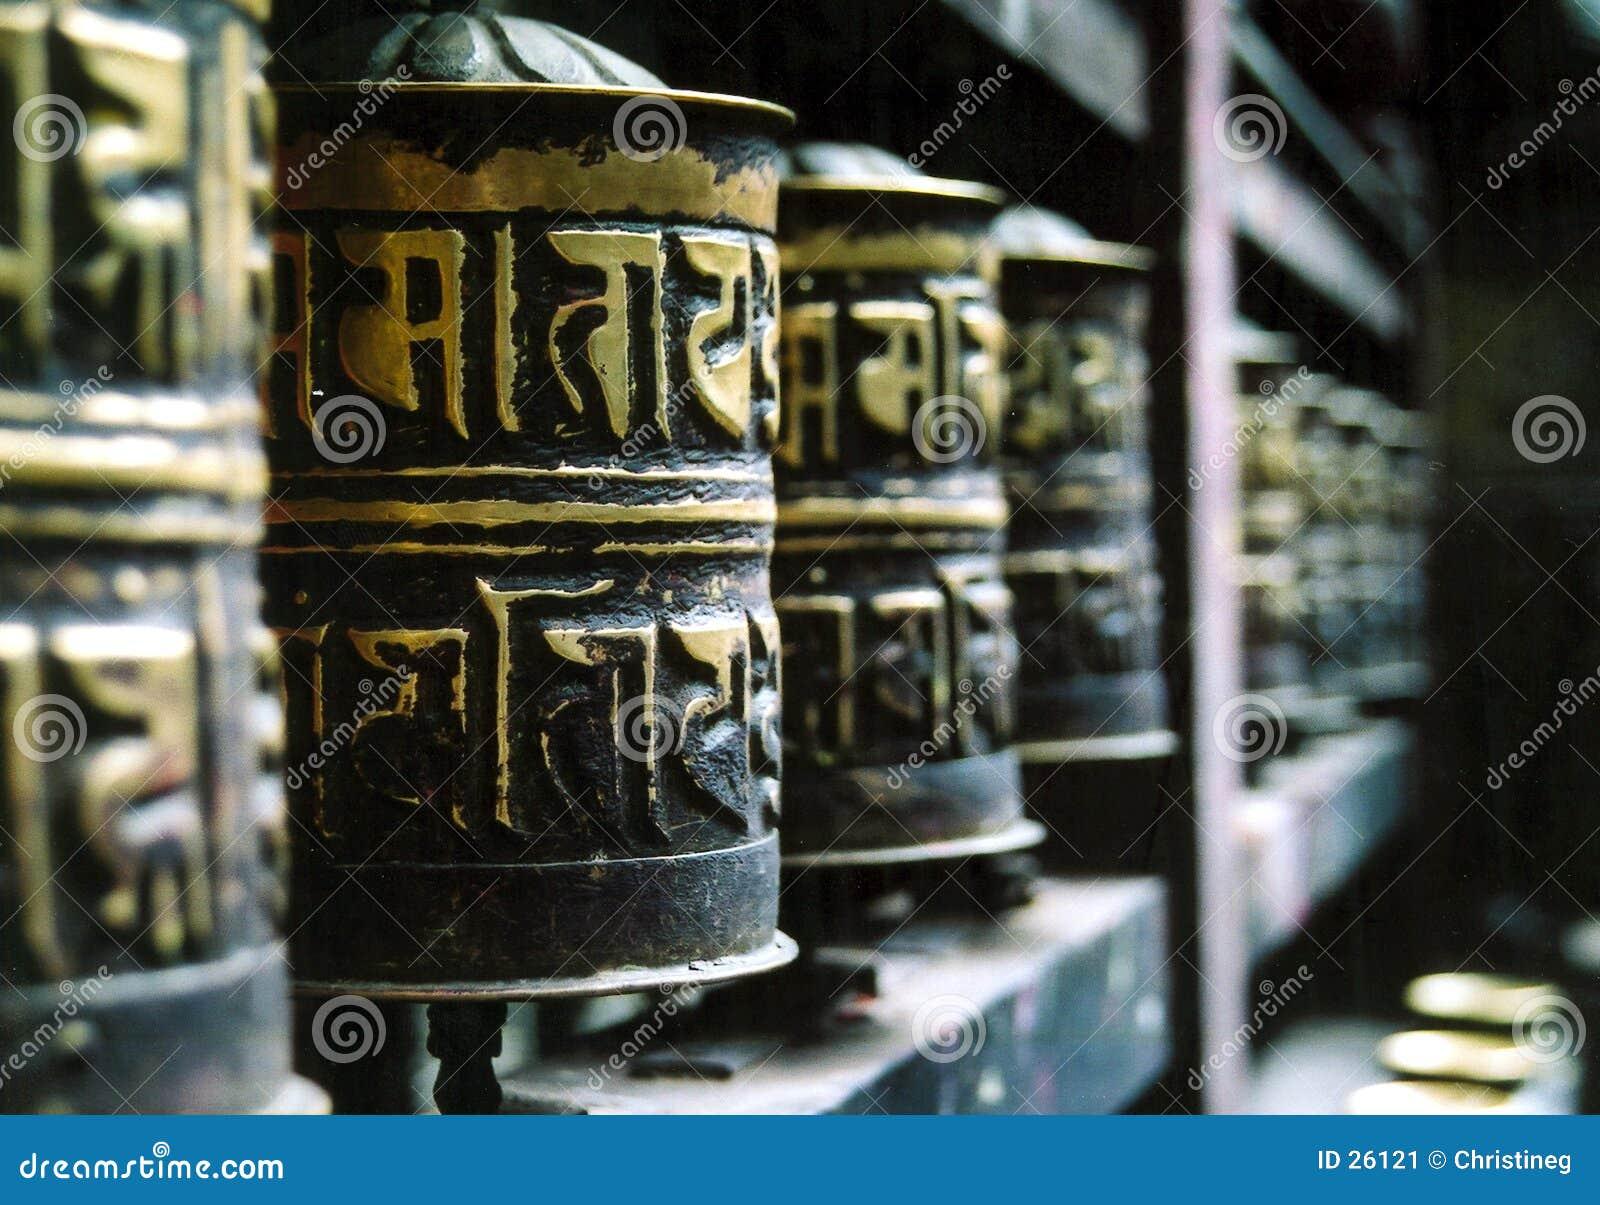 Buddhistisches Gebet dreht innen eine Reihe